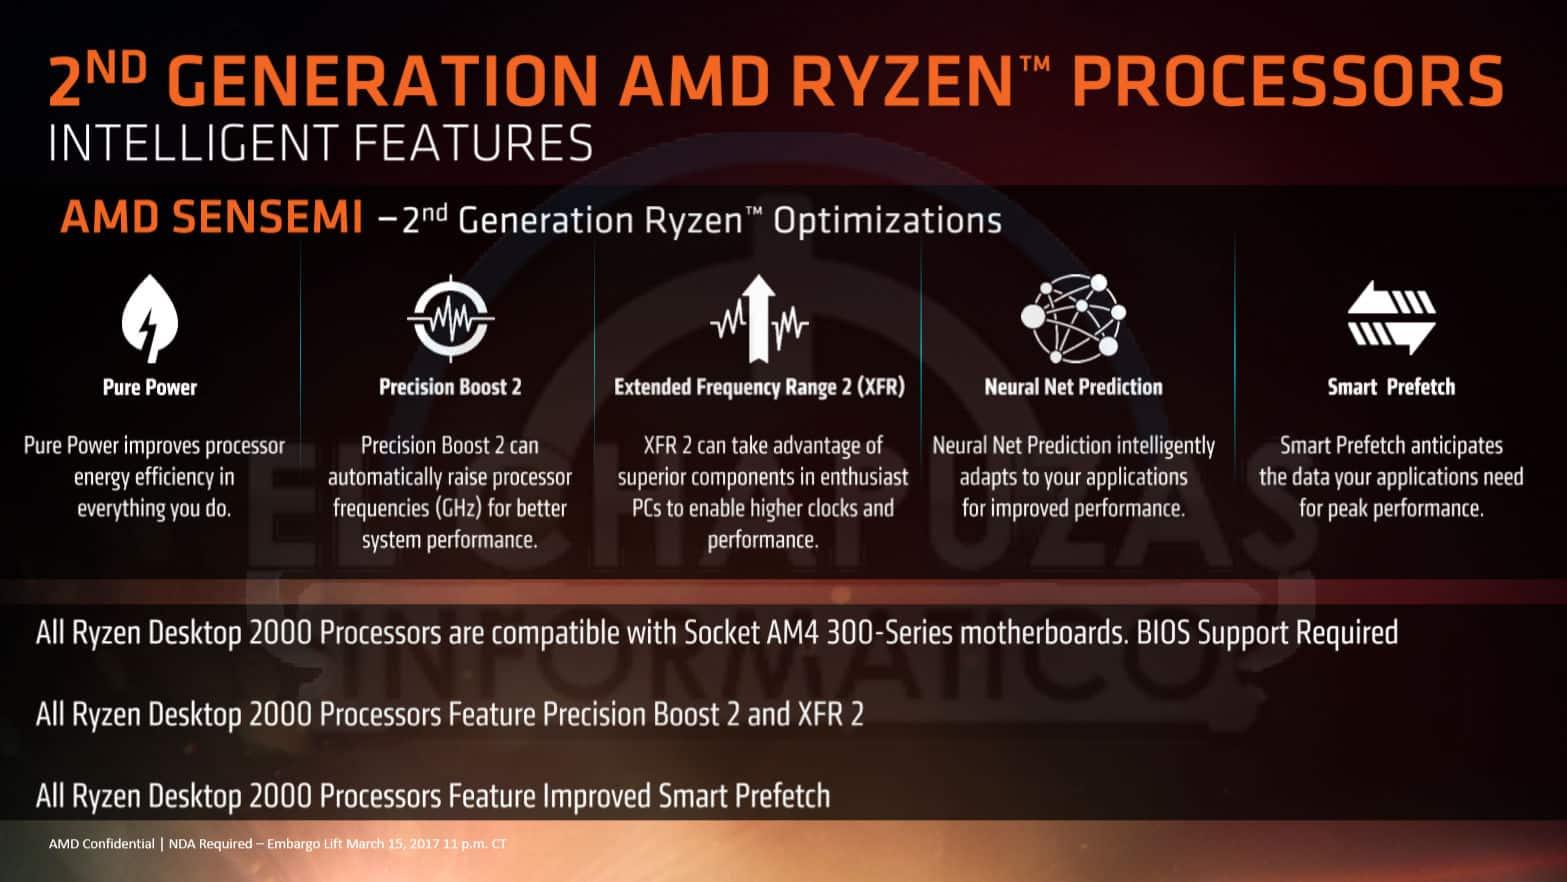 AMD Ryzen 2000 tecnologias 2 - AMD Ryzen 2000 - Benchmark, prezzi e data d'uscita